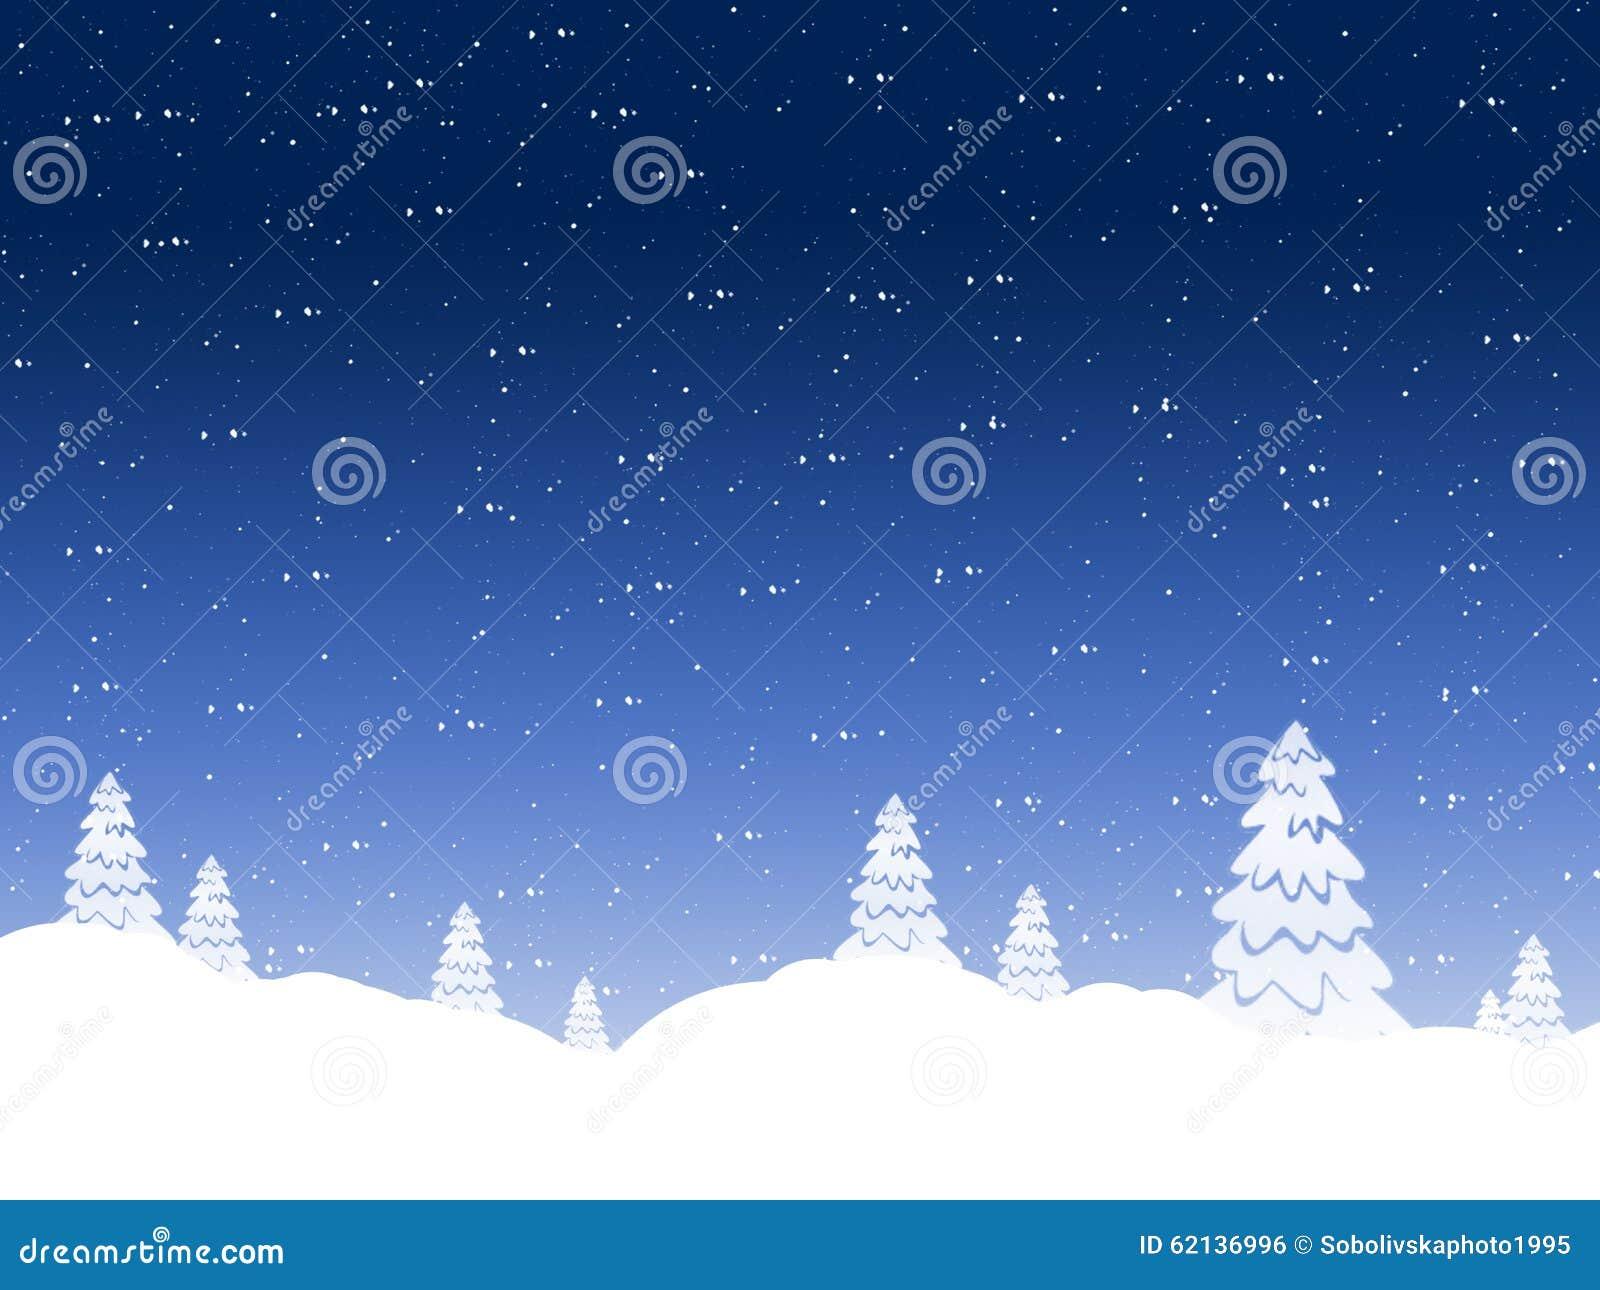 De achtergrond van de winter dalende sneeuw tegen de donkerblauwe hemel